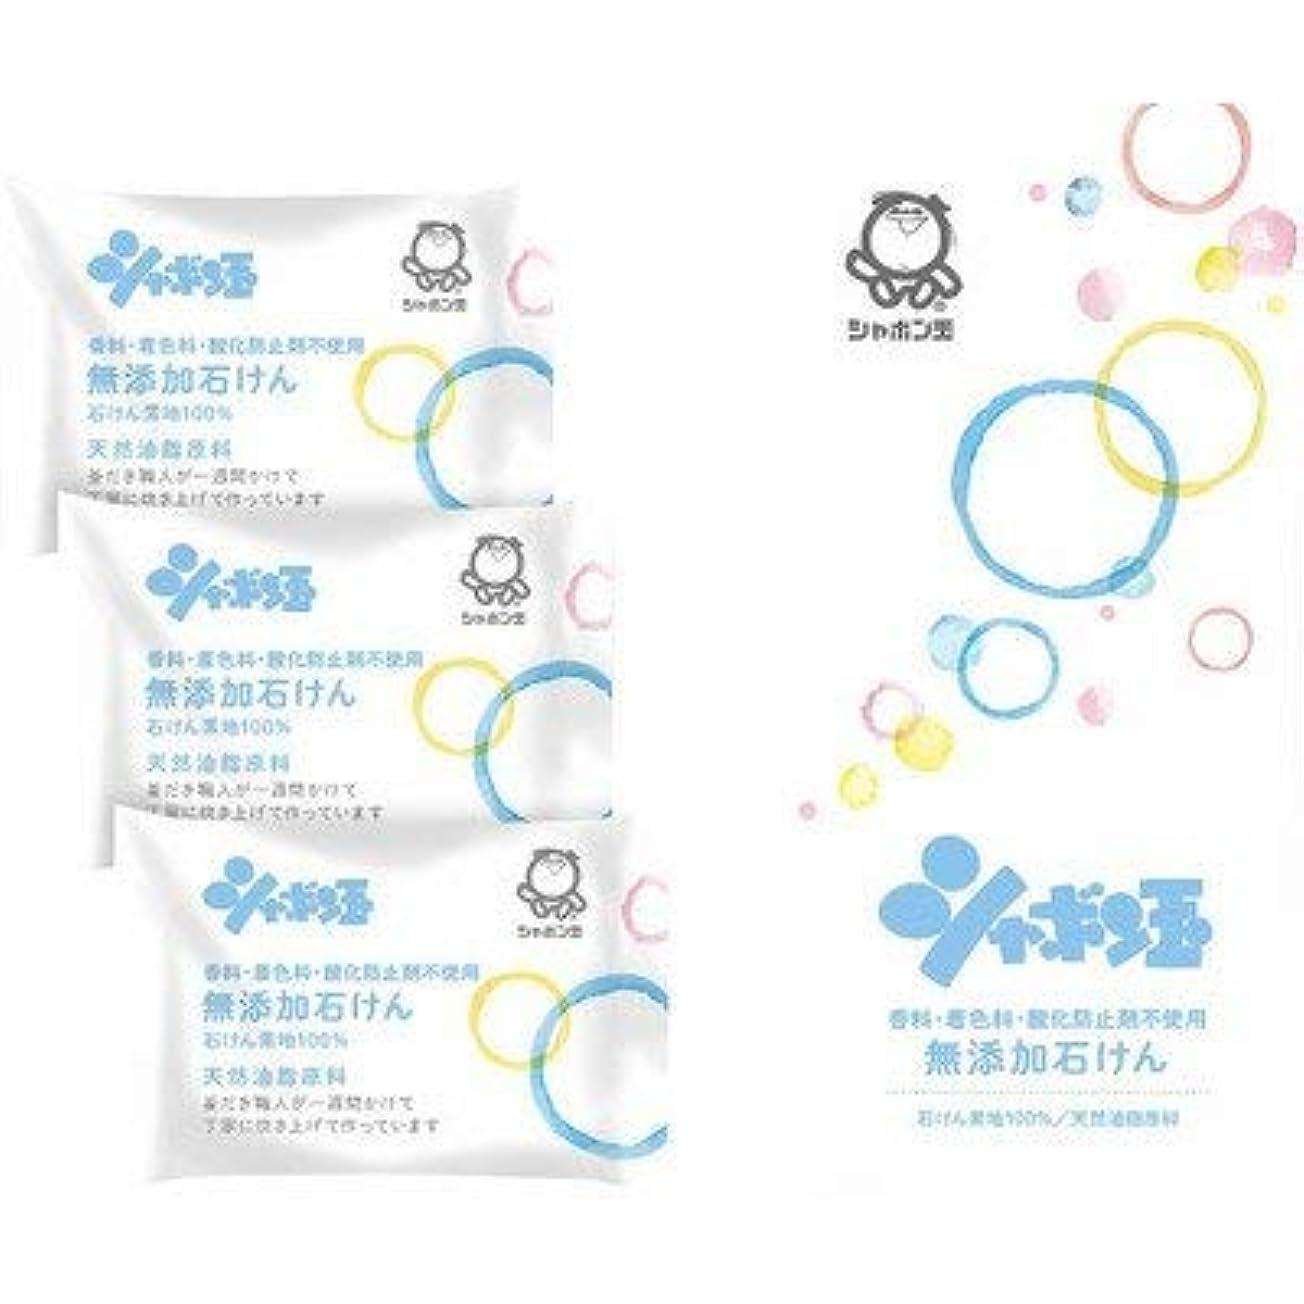 謝るコジオスコジャケット【ギフトセット】 シャボン玉無添加石鹸ギフトセット SMG-5B